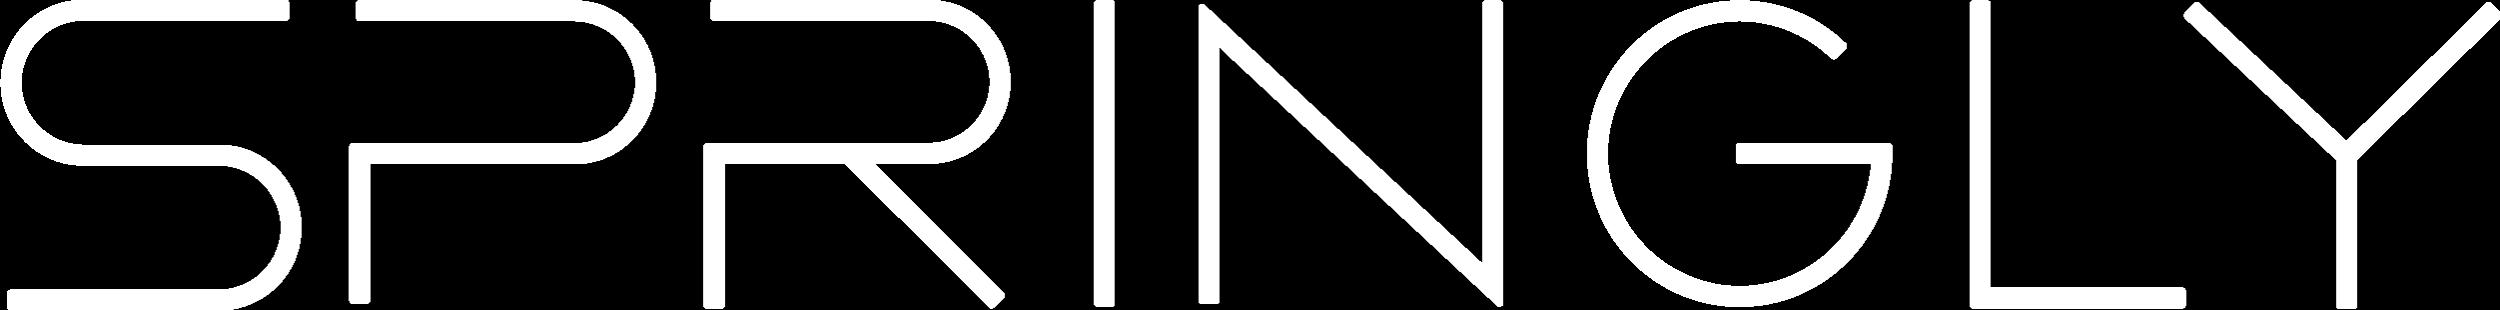 Springly logo